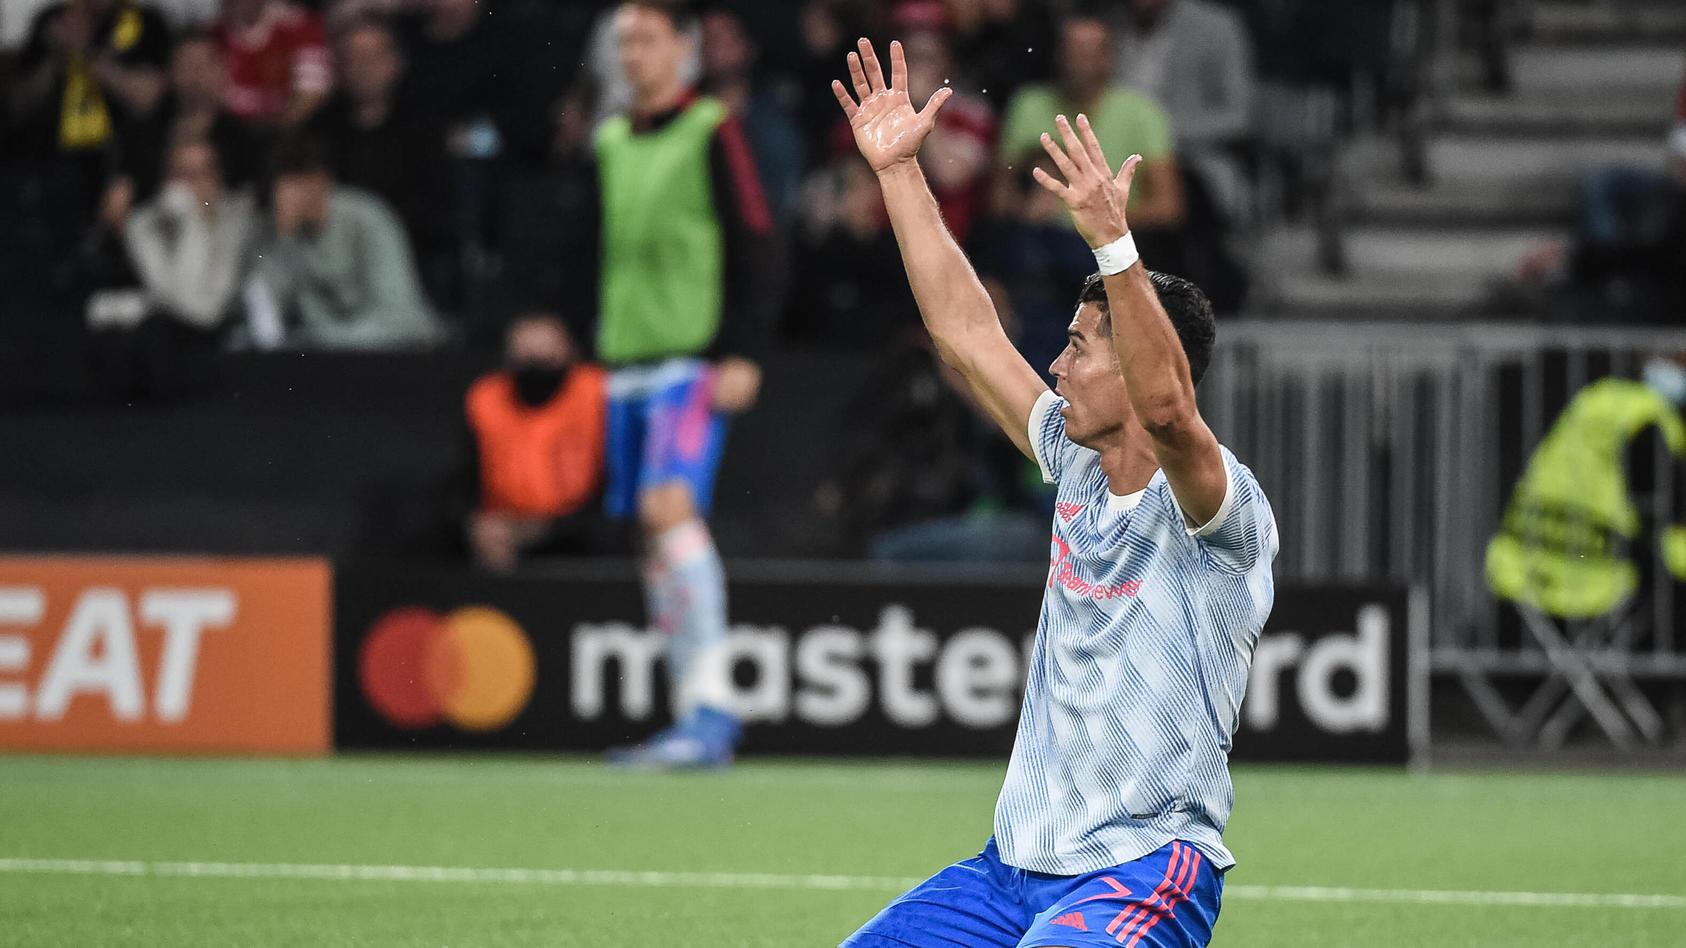 Trotz seines Tores war es ein gebrauchter Abend für Cristiano Ronaldo in Bern.